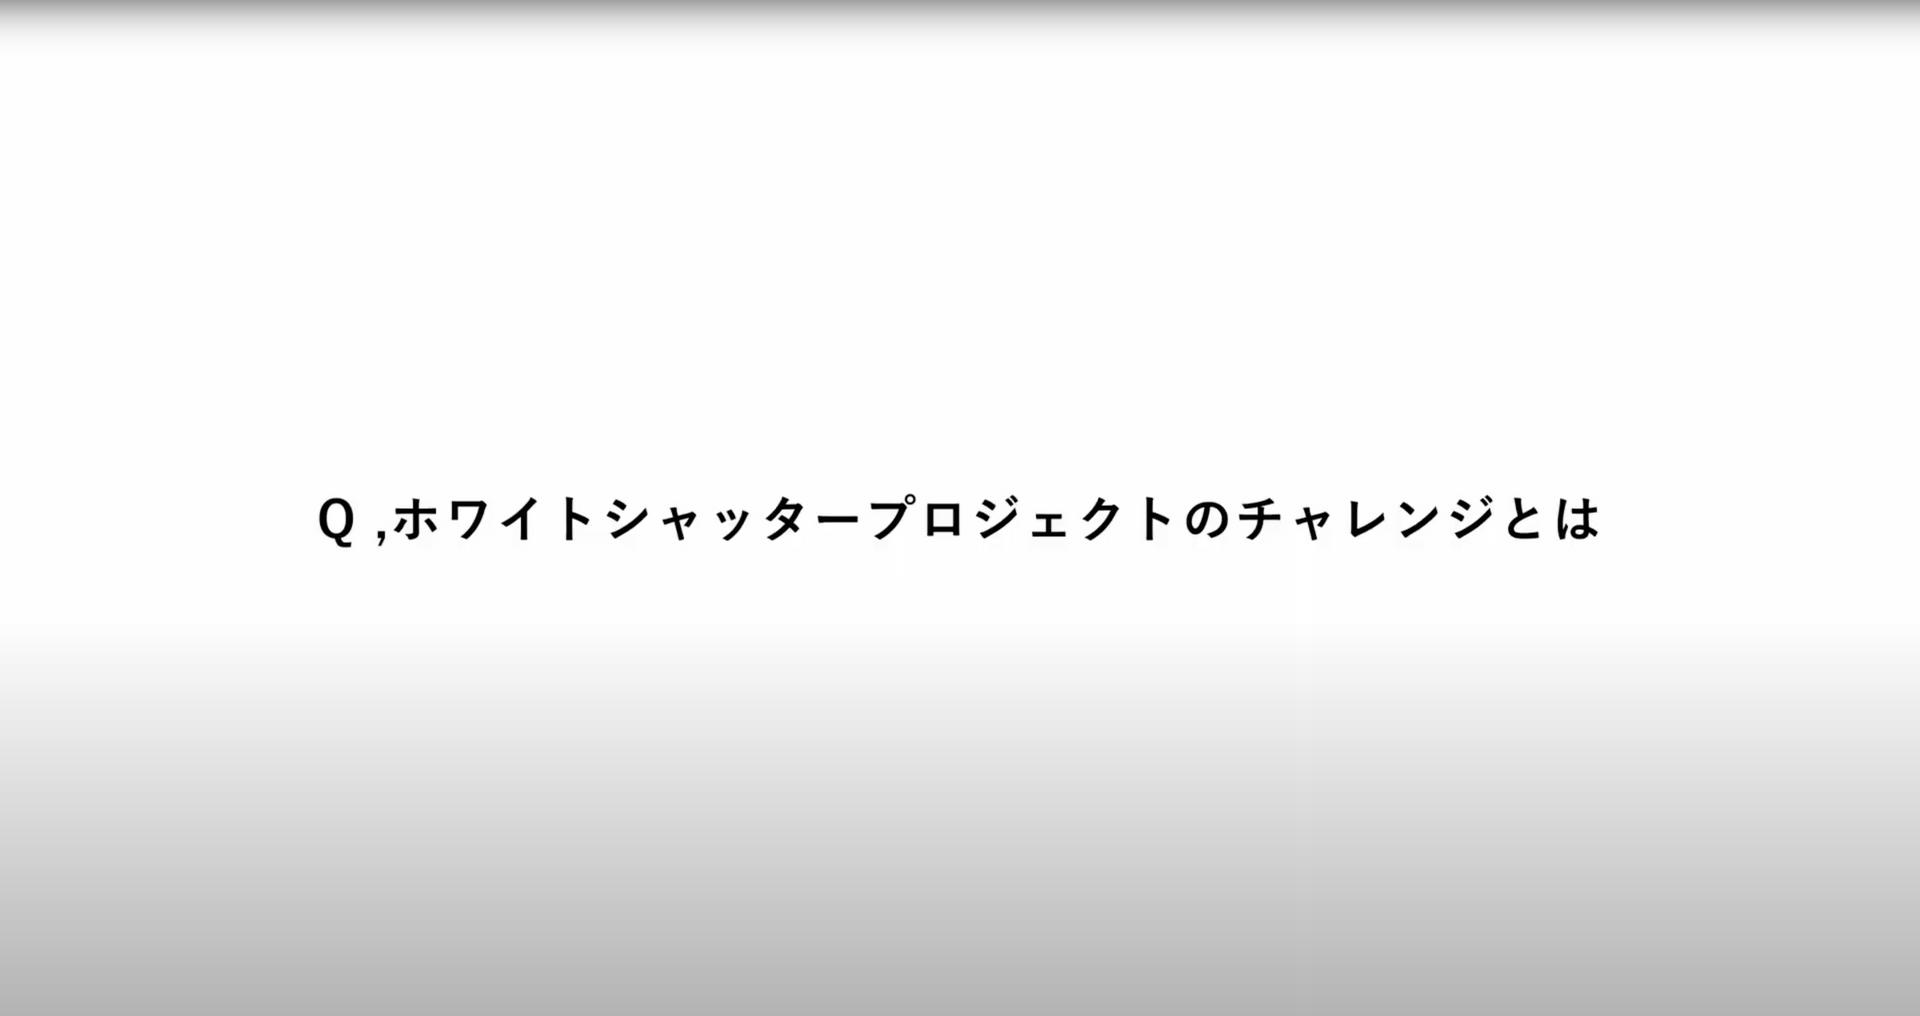 スクリーンショット 2020-06-05 19.13.46.png